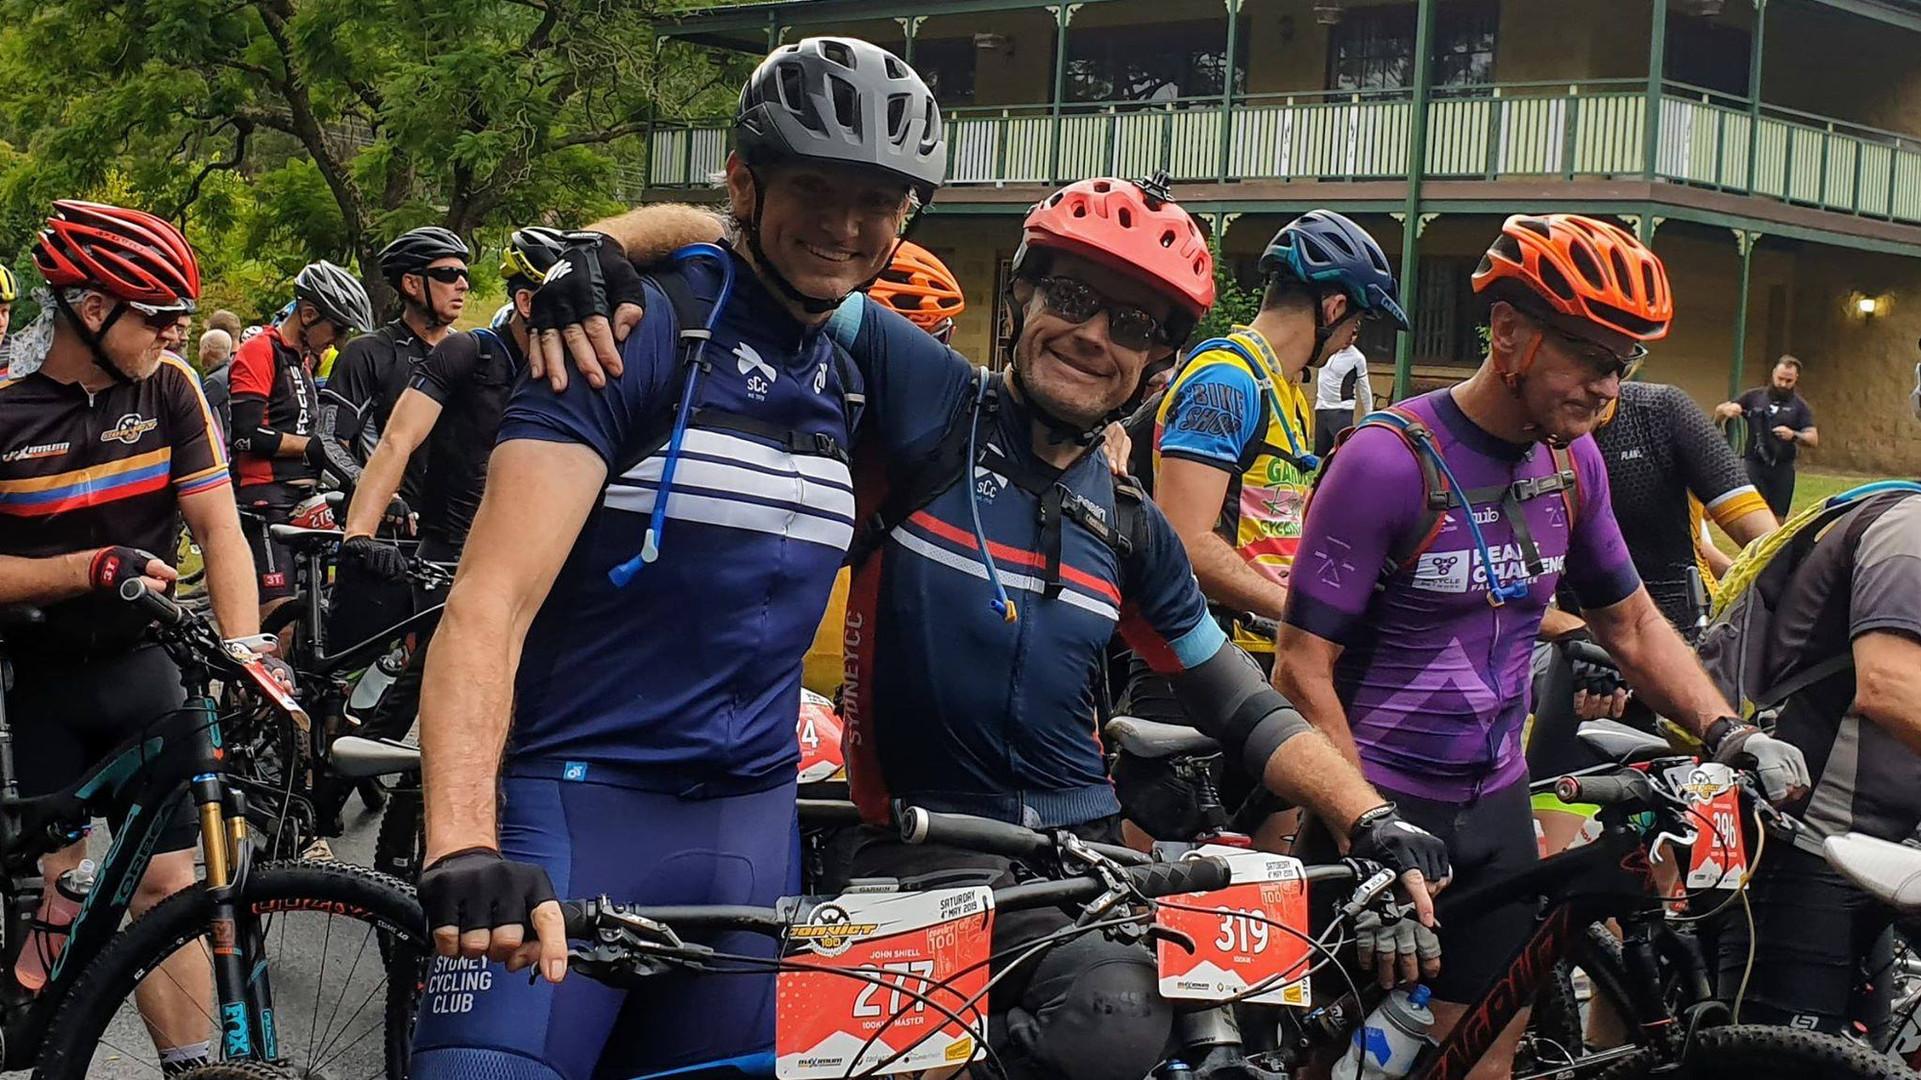 John & Steve at the start line